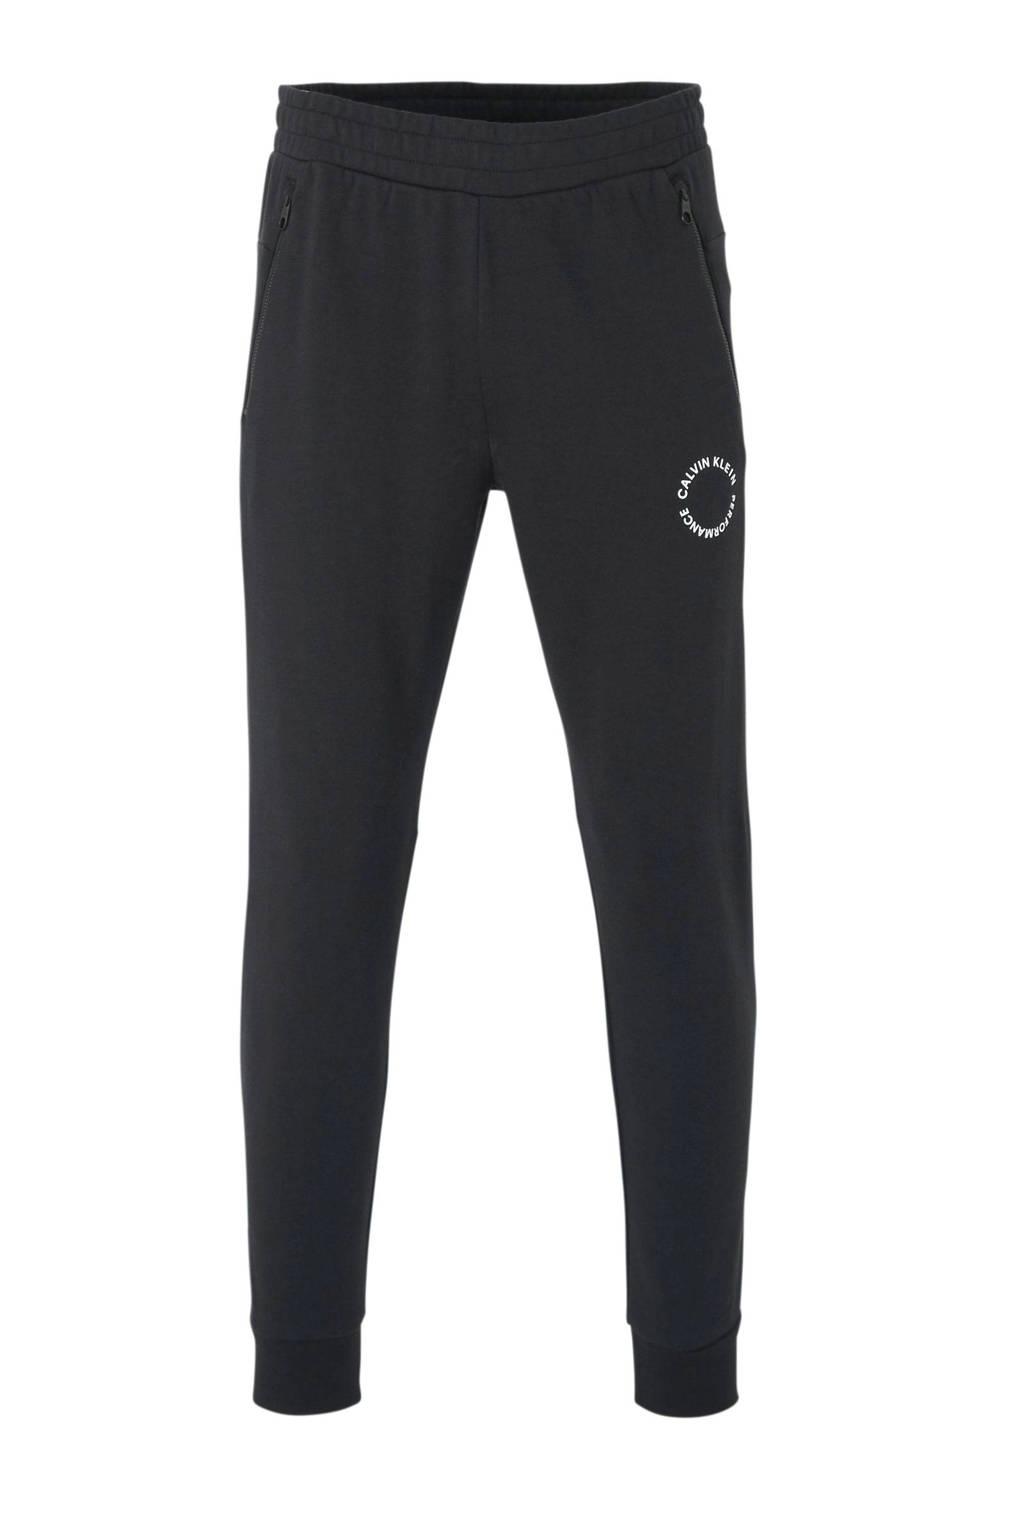 Calvin Klein Performance   sportbroek zwart, Zwart